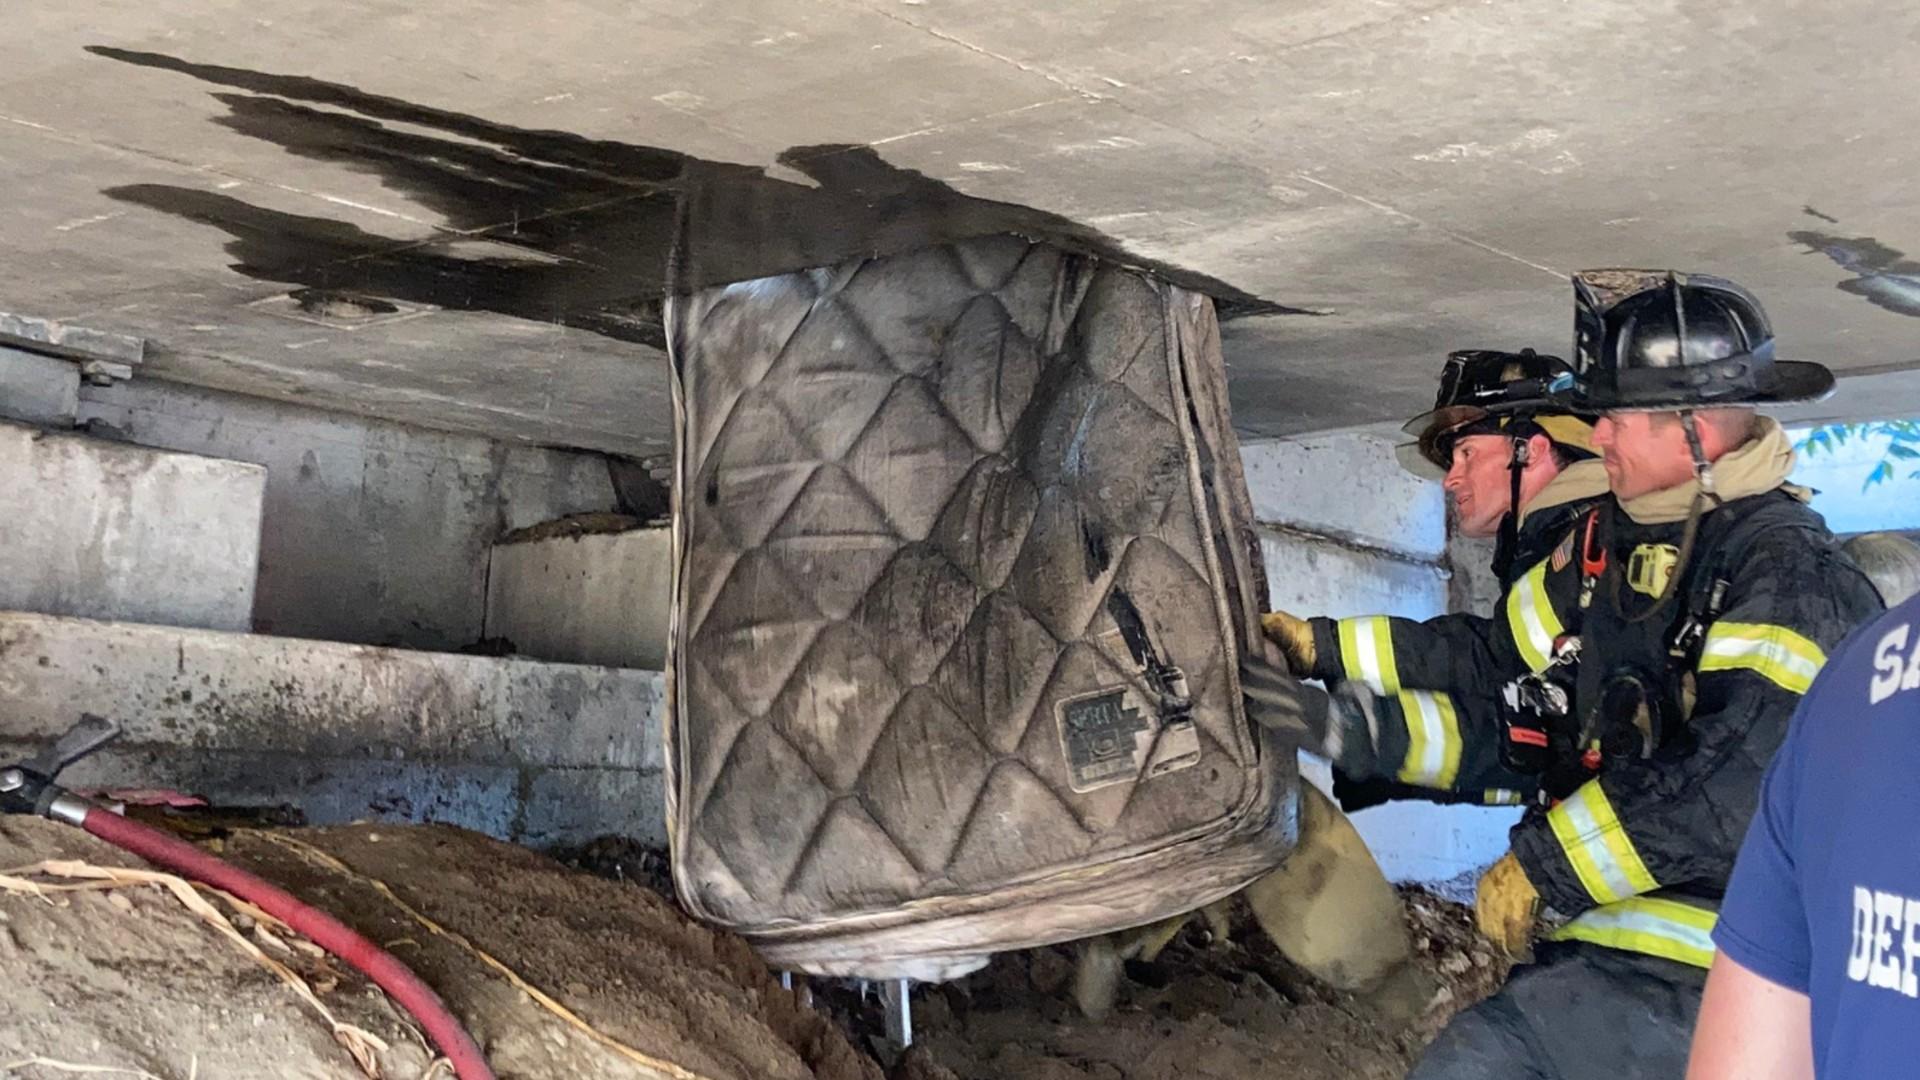 Sacramento firefighters remove a mattress from underneath an overpass on Highway 160. (Sacramento Fire Department)